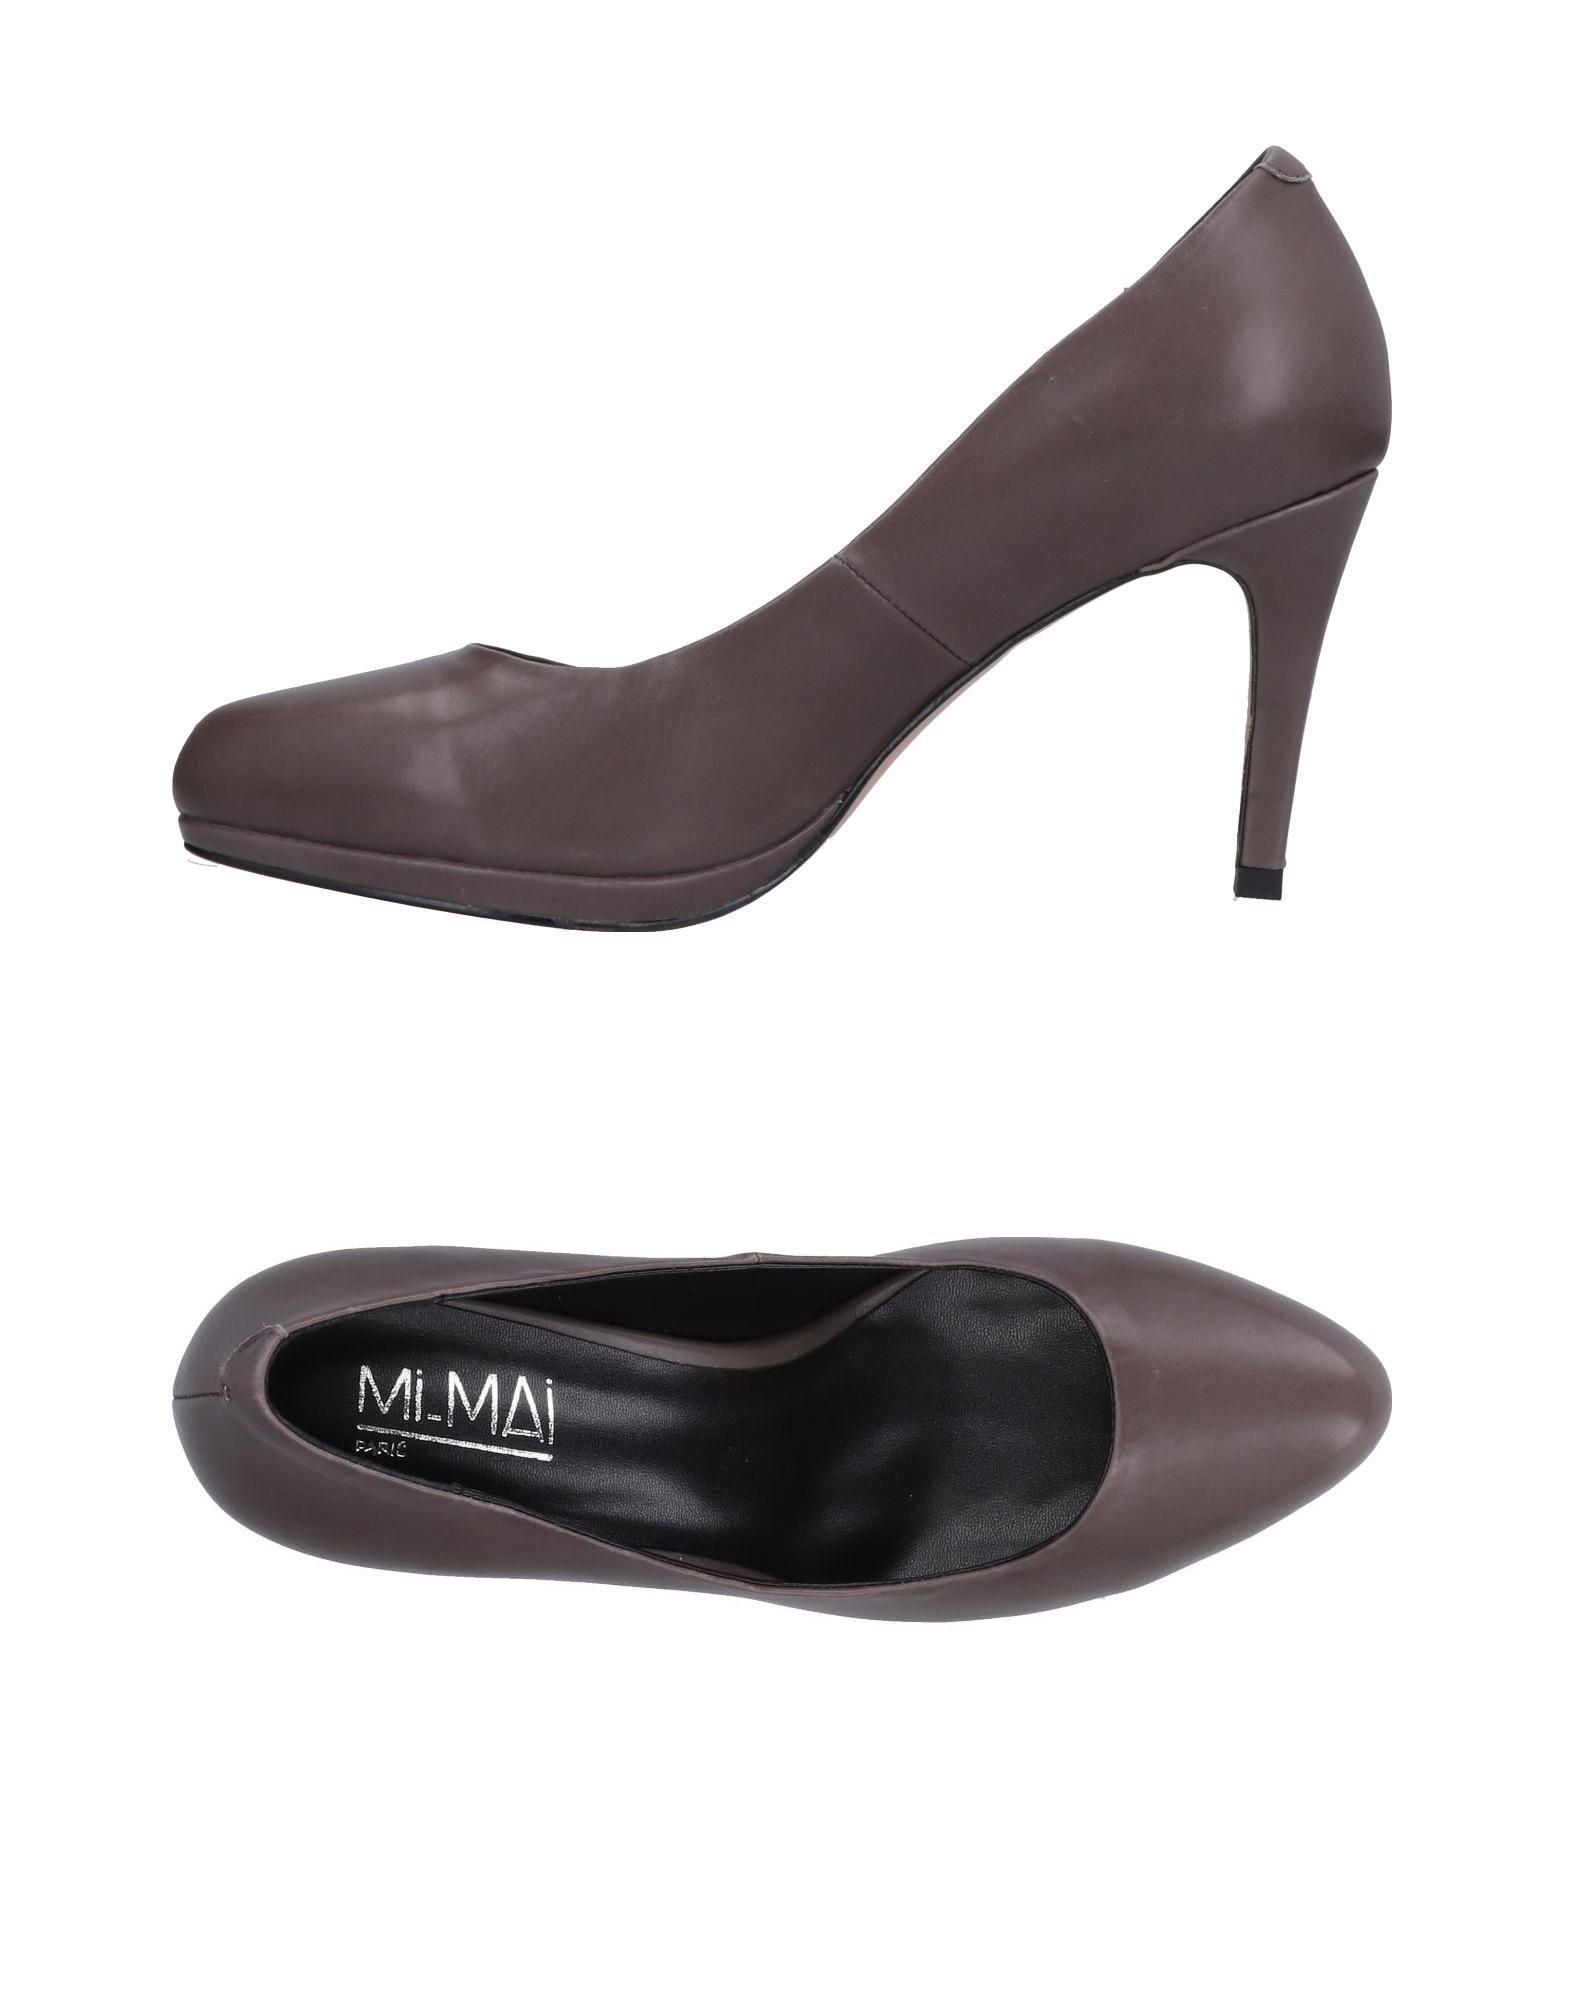 Mi/Mai Pumps Damen  11278164AH Gute Qualität beliebte Schuhe